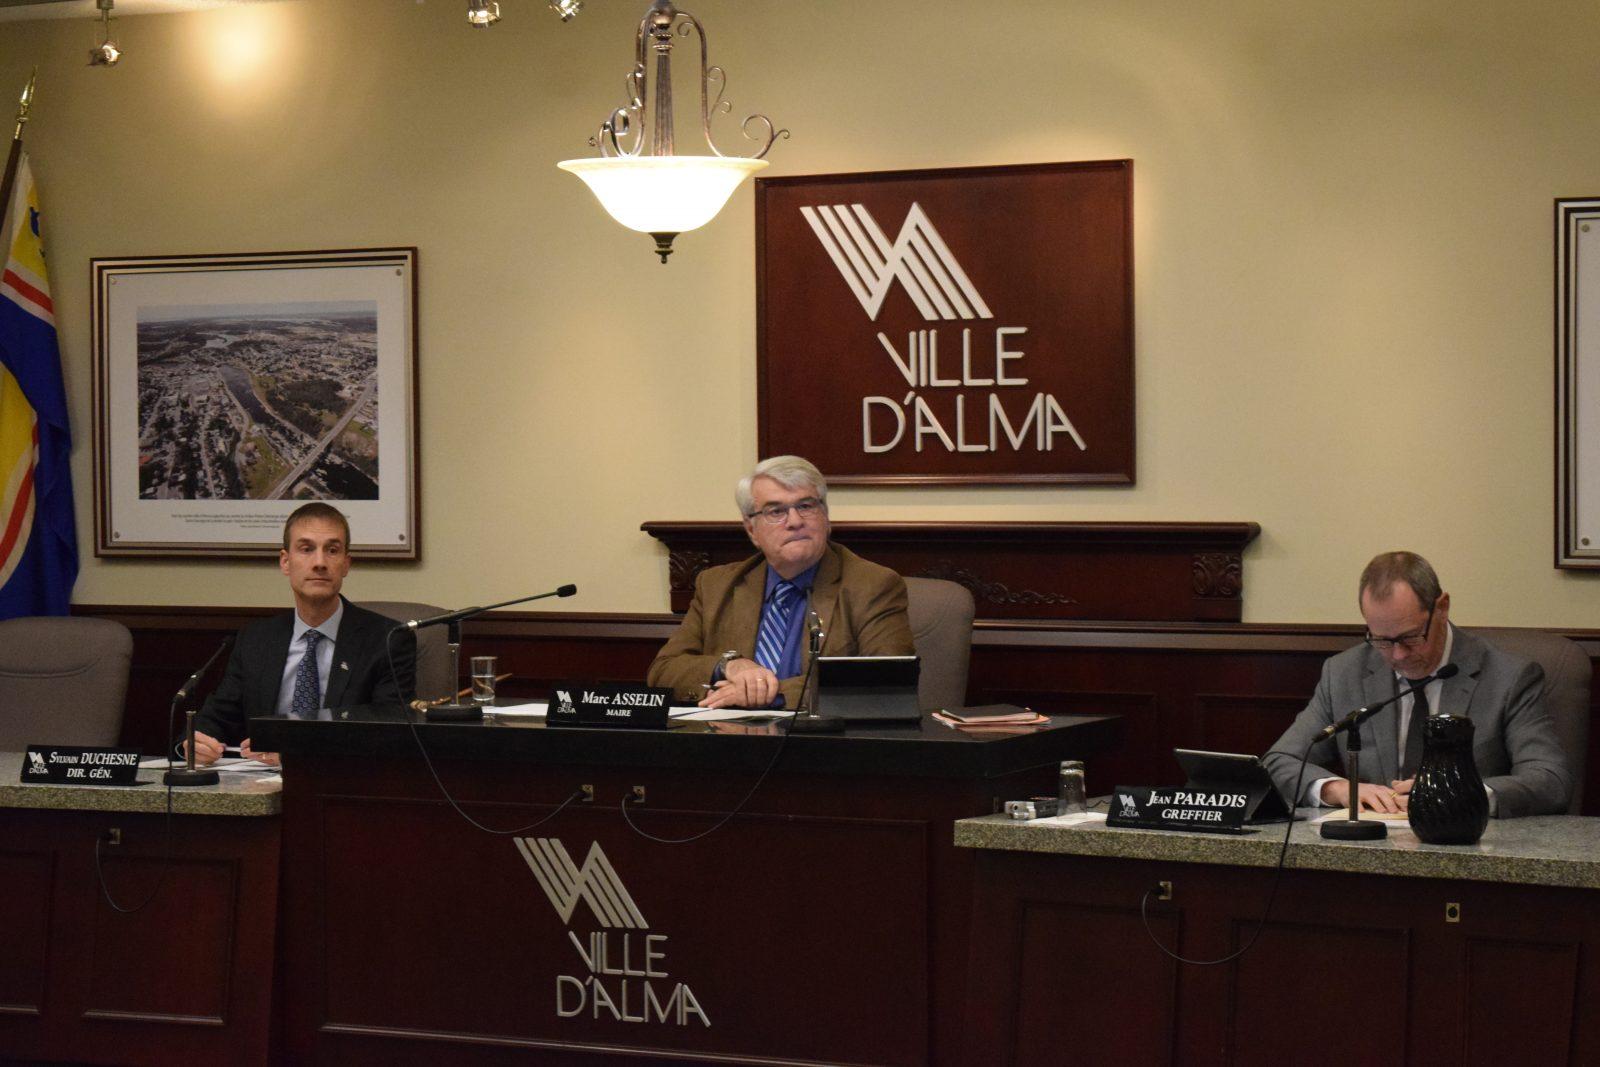 Conseil municipal : Alma plaide pour la préservation du Publisac